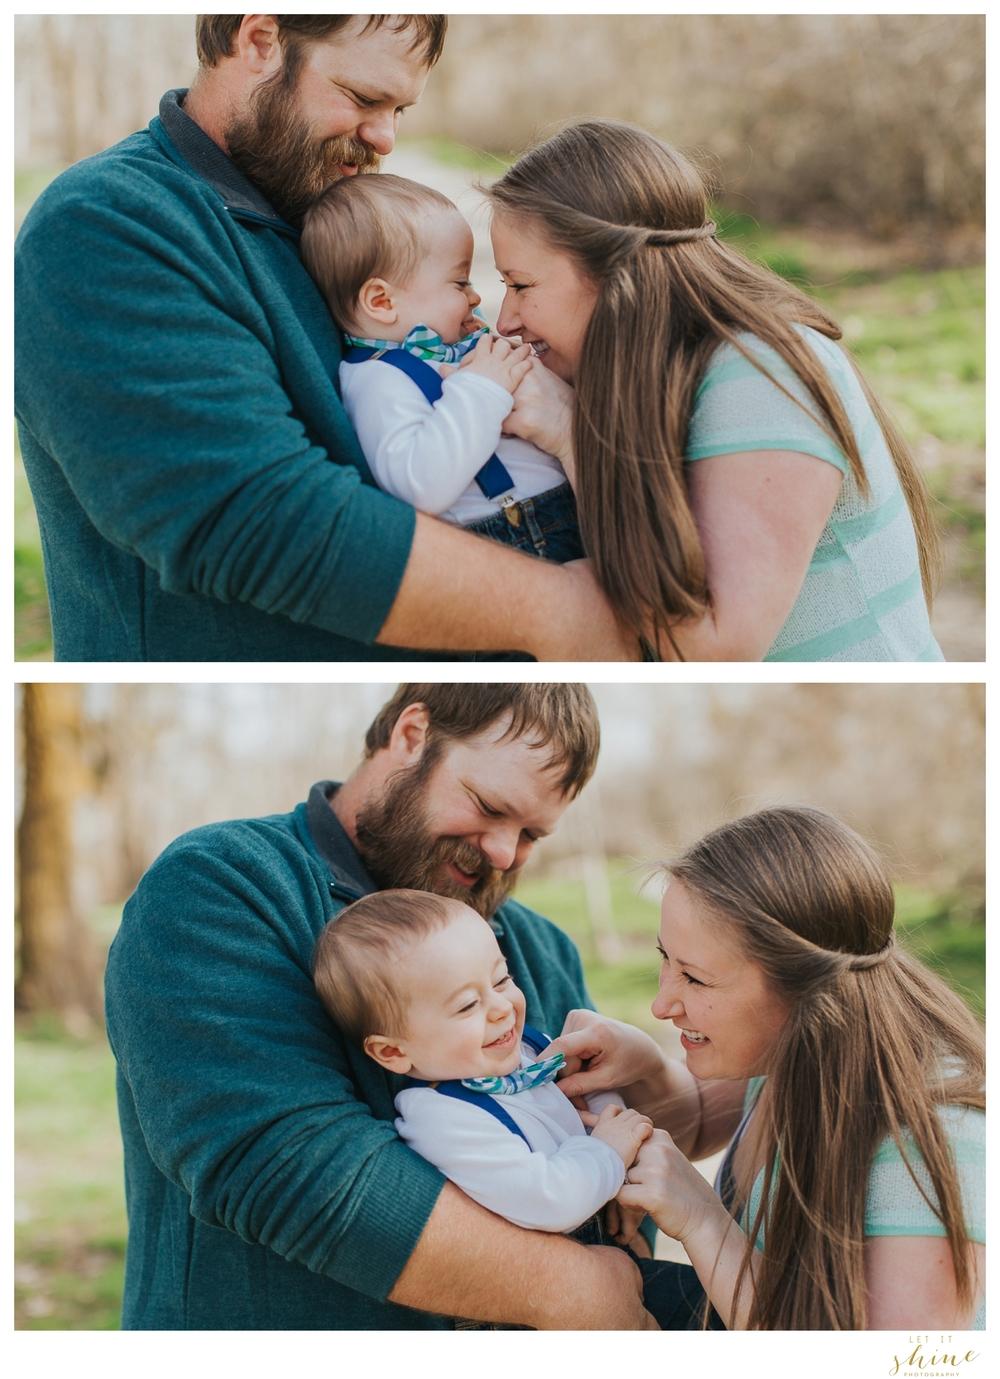 Spring Family Photos Boise Photographer-8400.jpg